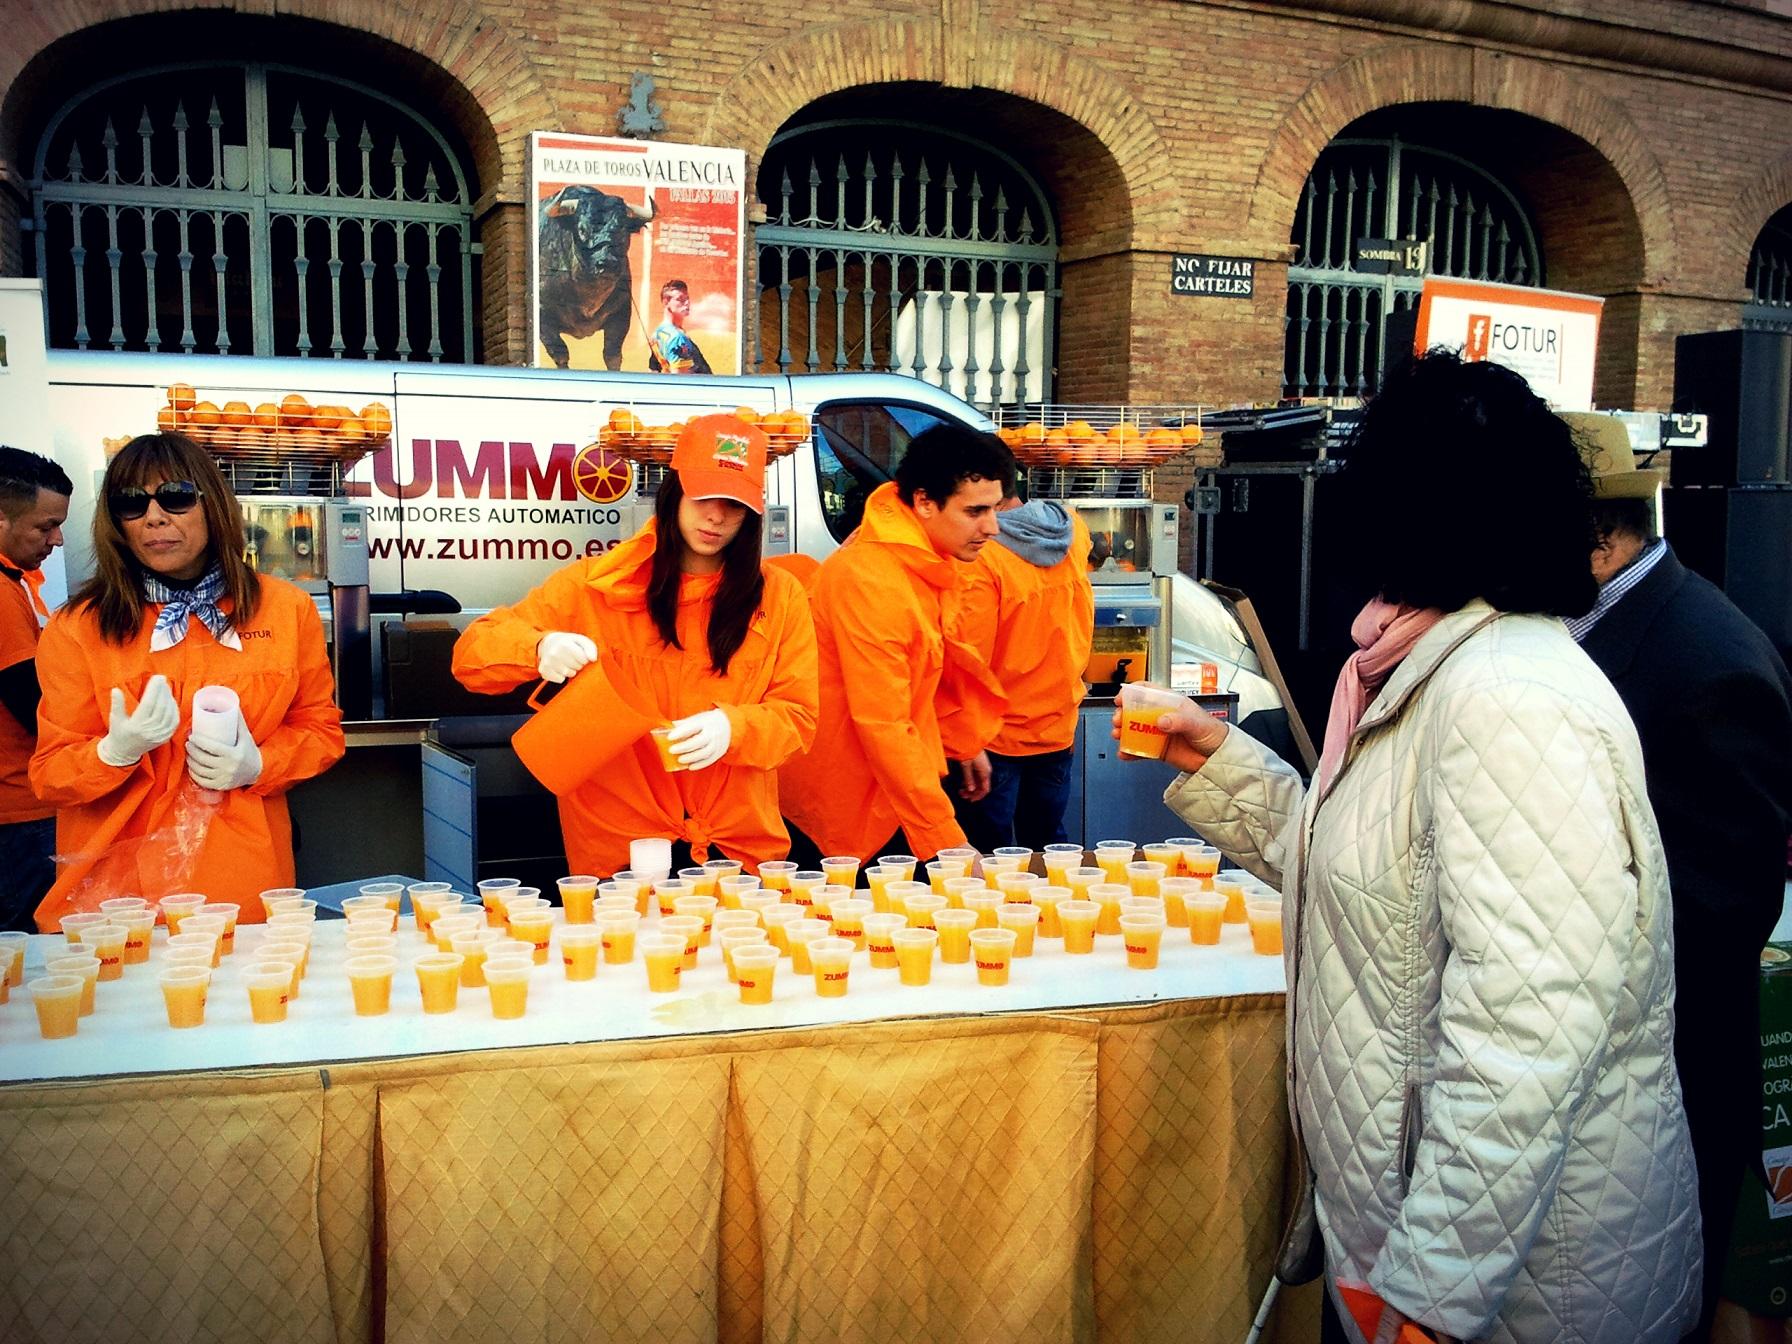 Vuelve la Gran Naranjada y Horchatada Fallera (GRATIS) antes de la Mascletà los días 8 y 9